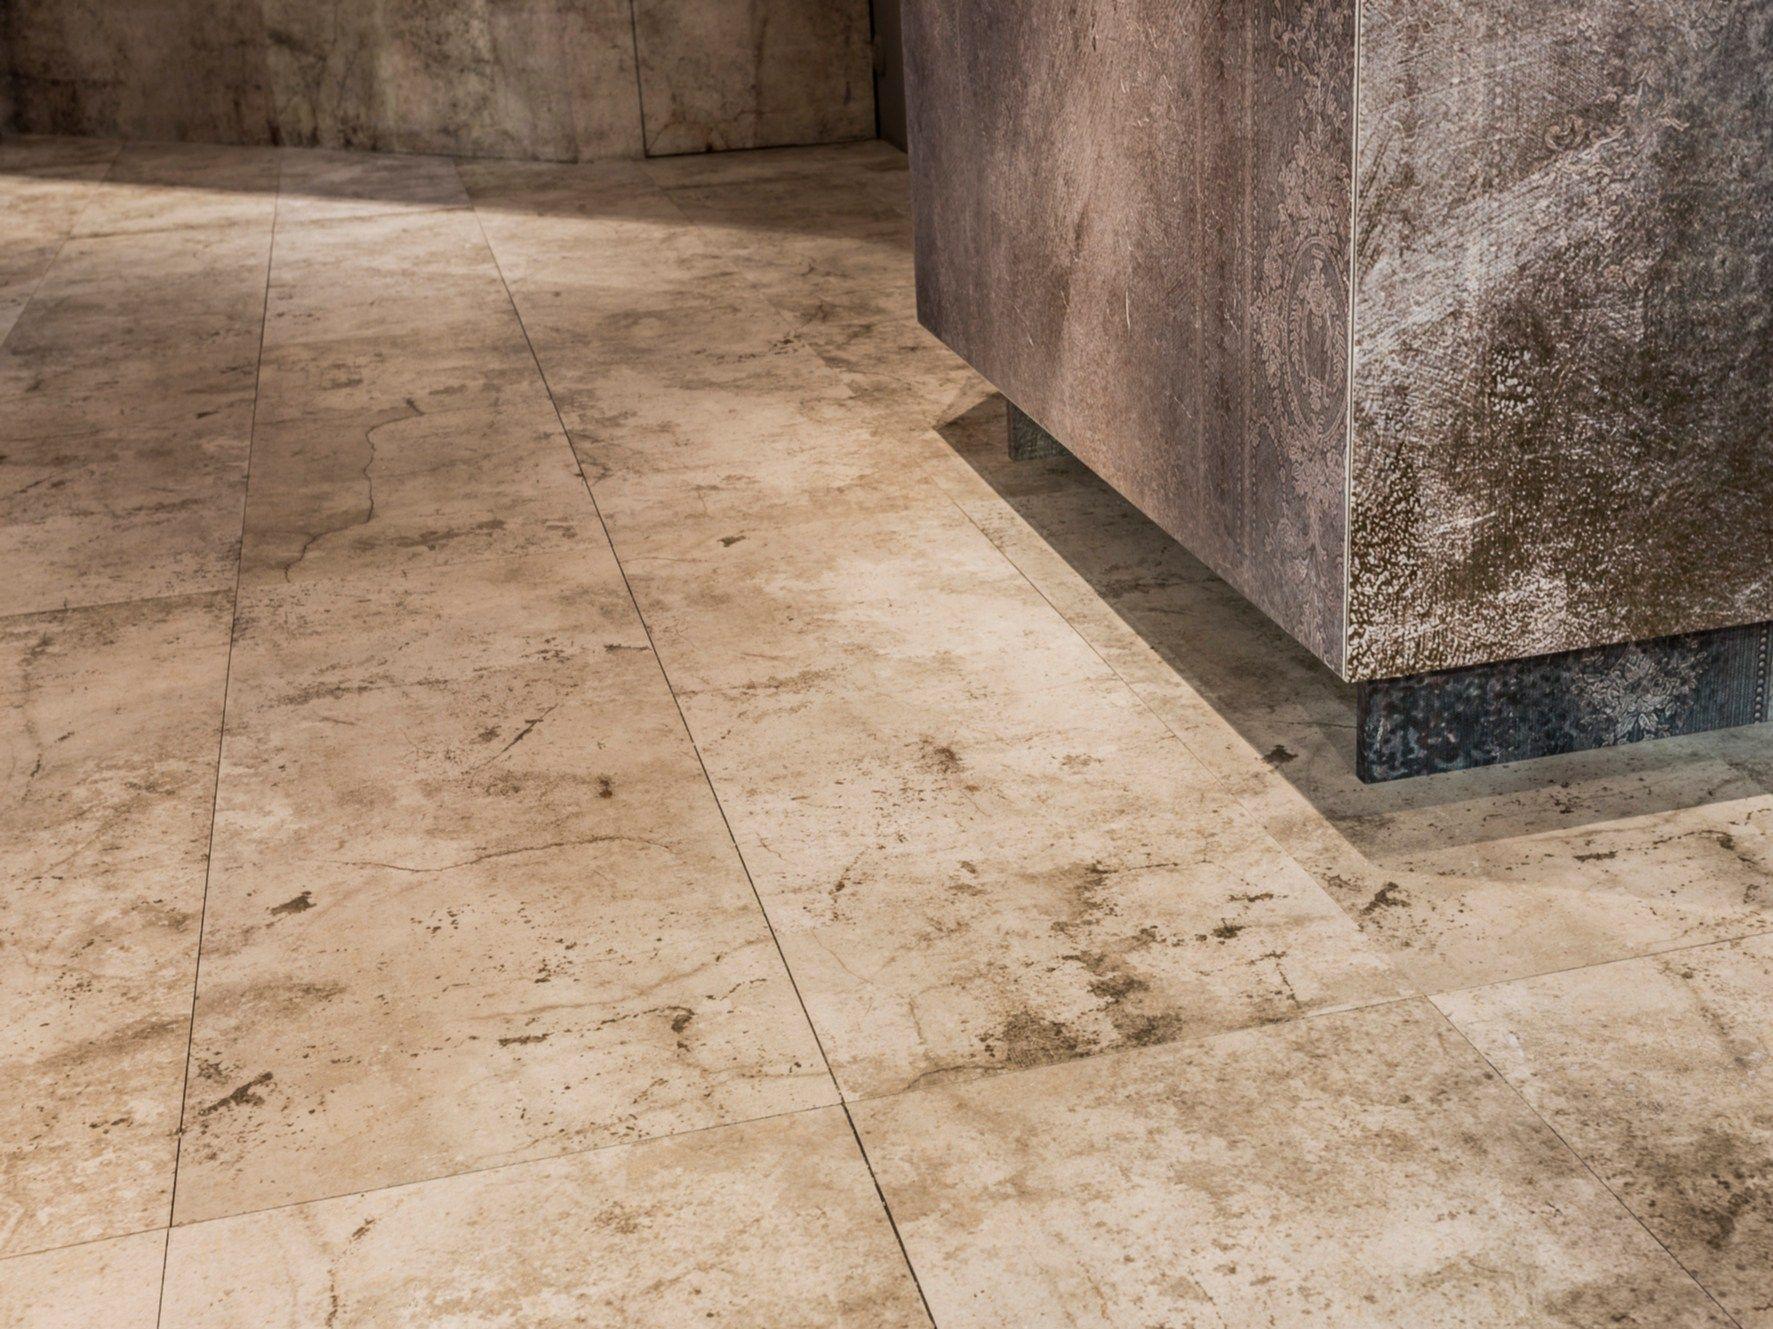 Pavimento/rivestimento in gres porcellanato effetto cemento Texture CEMENTO by MOMENTI di Bagnai ...